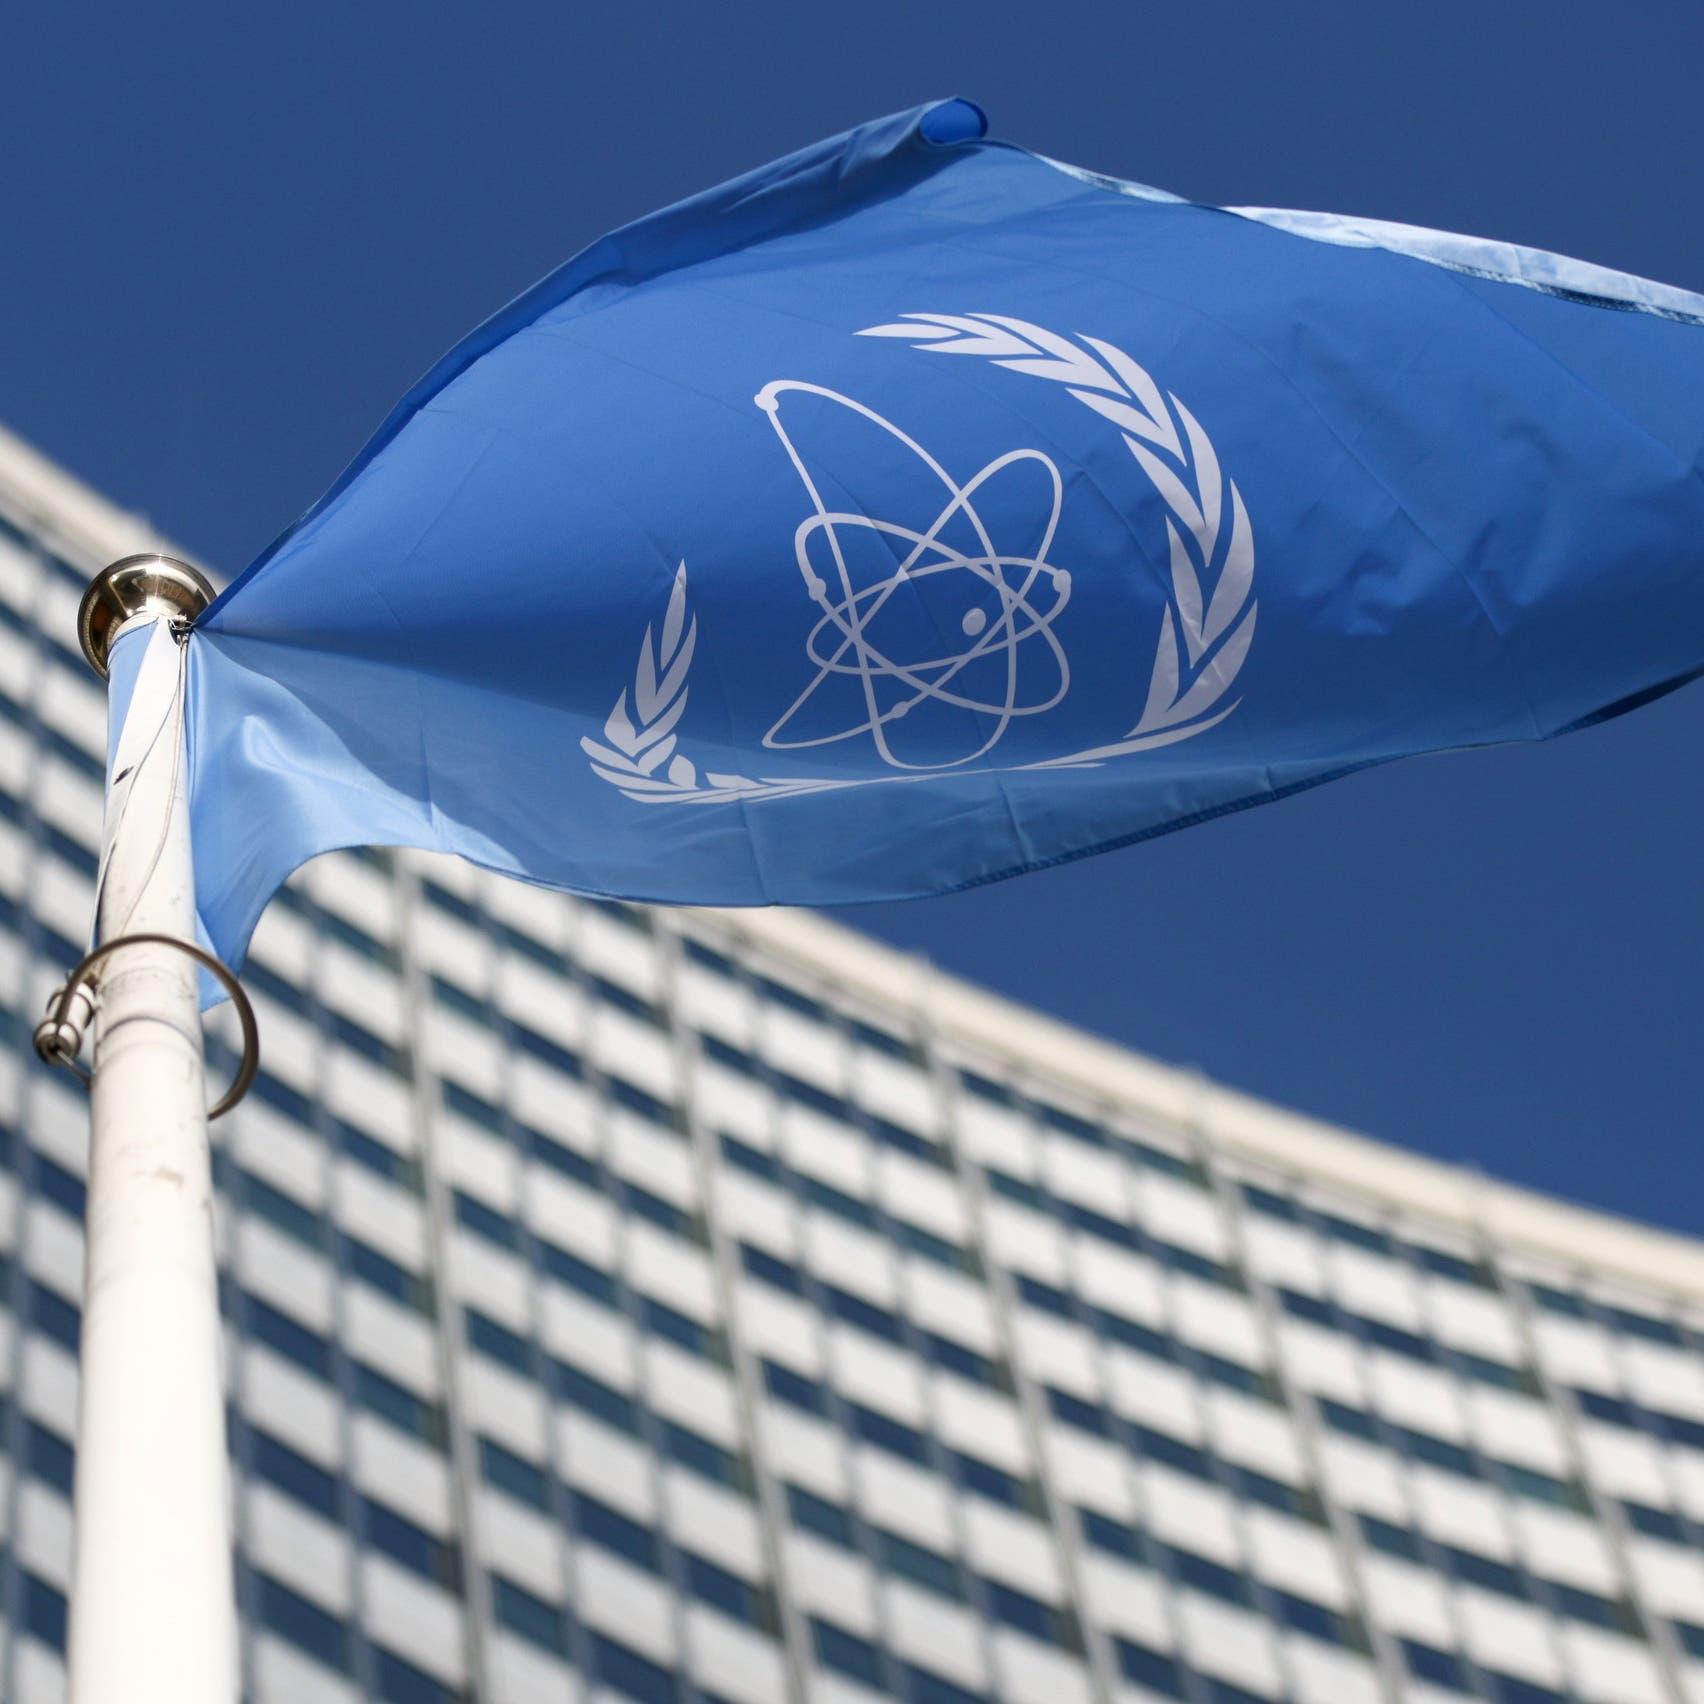 الوكالة الدولية لإيران: مستقبل الاتفاق النووي على المحك